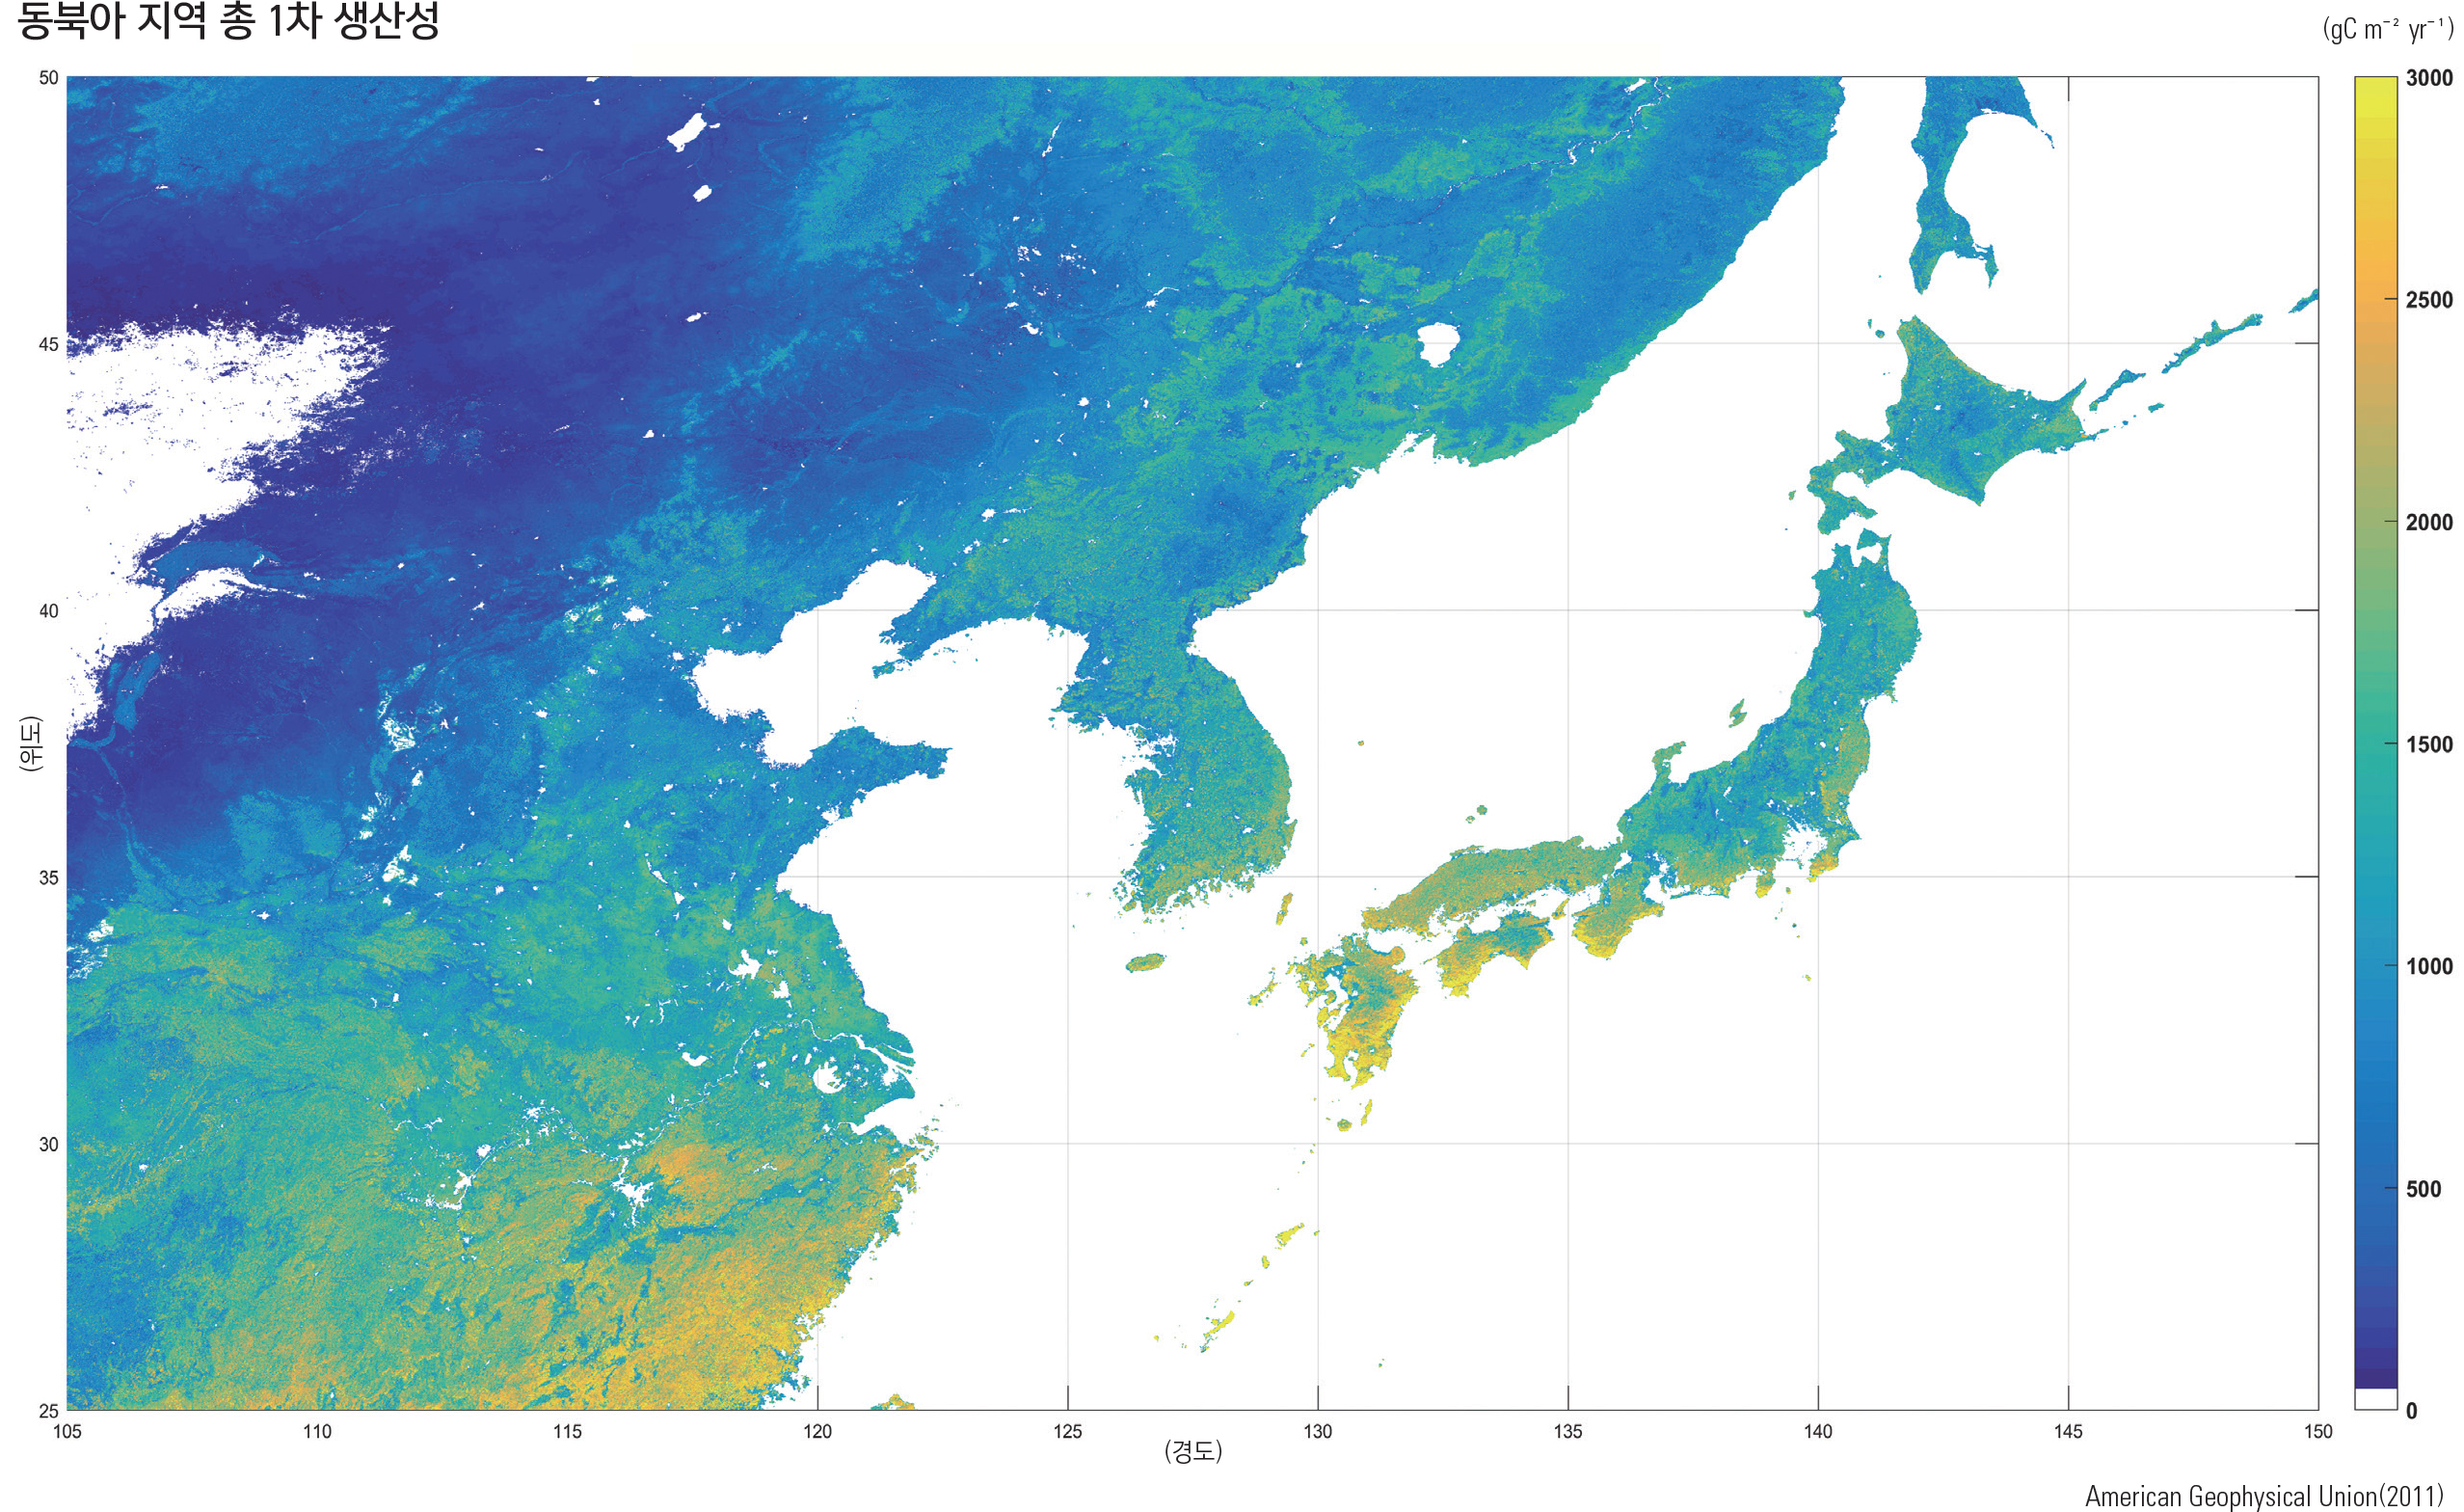 동북아 지역 총 1차 생산성